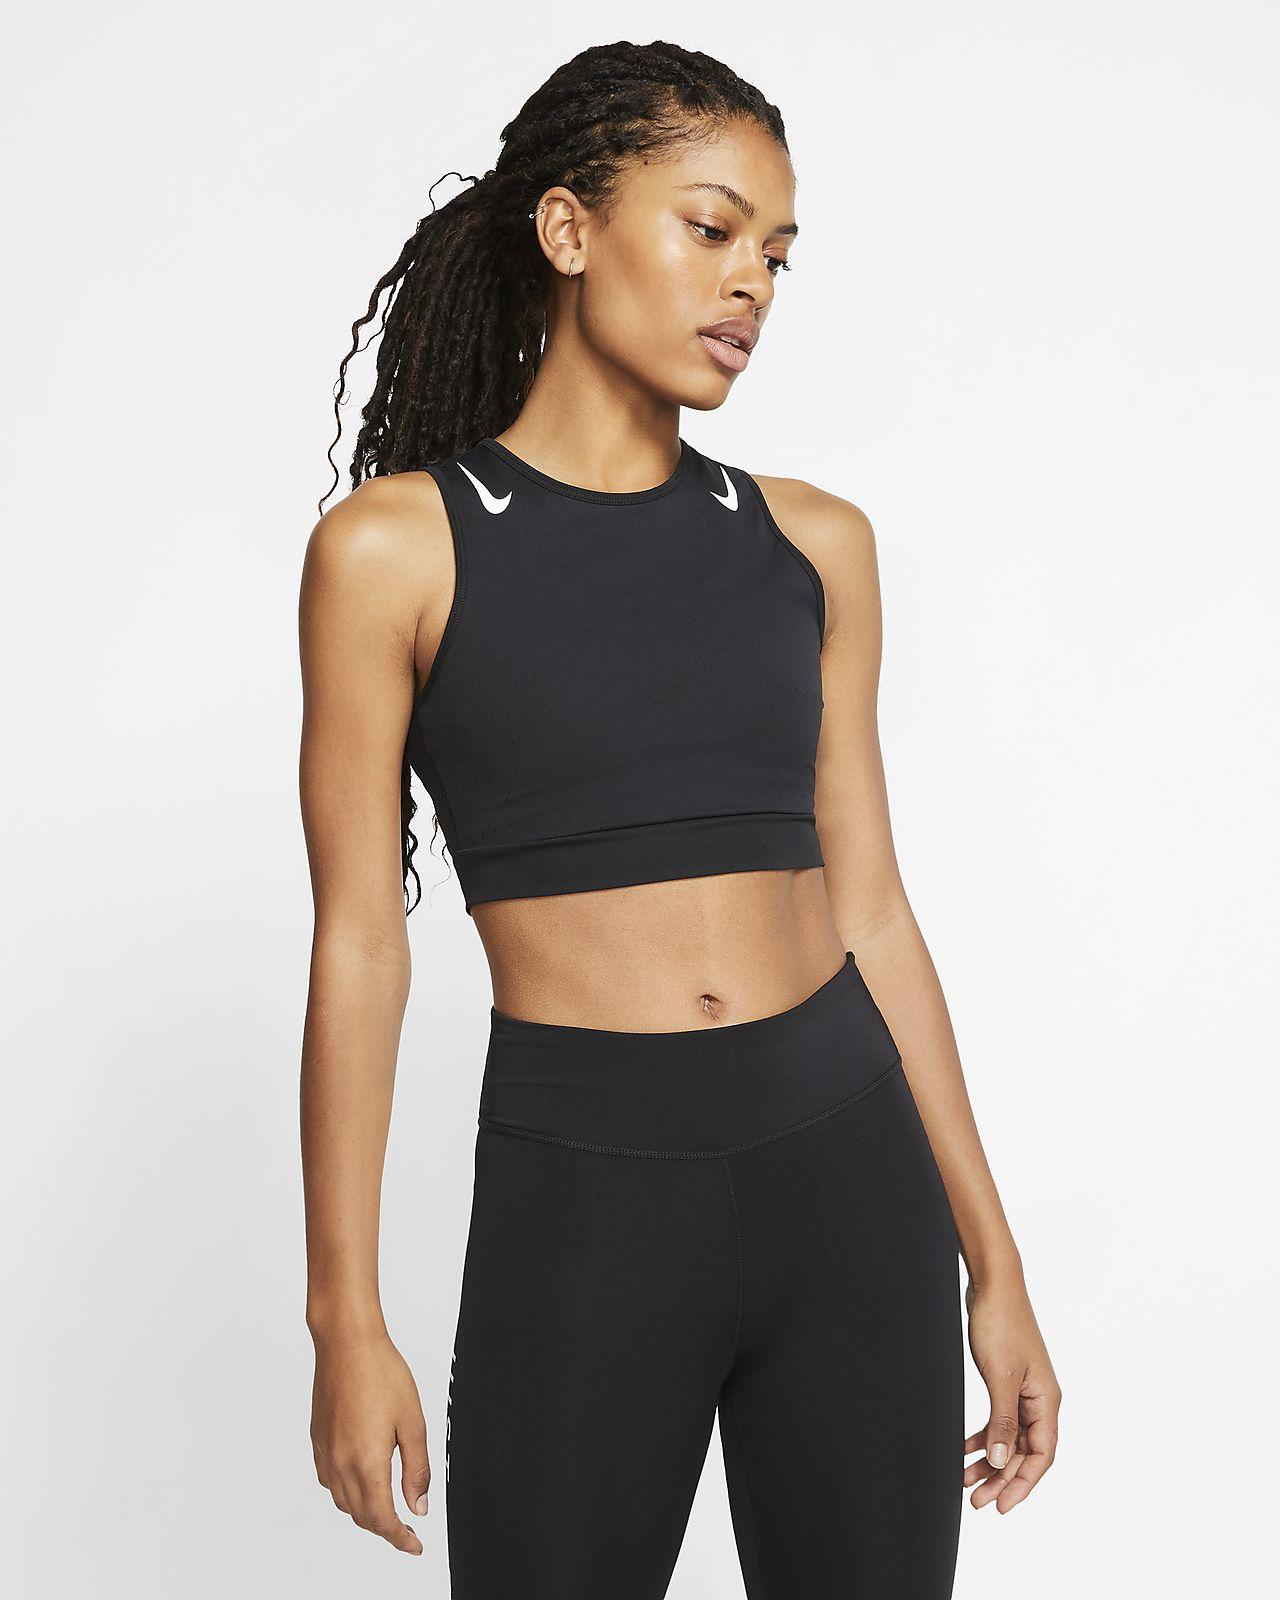 Nike AeroSwift Women's Running Crop Top. Nike.com